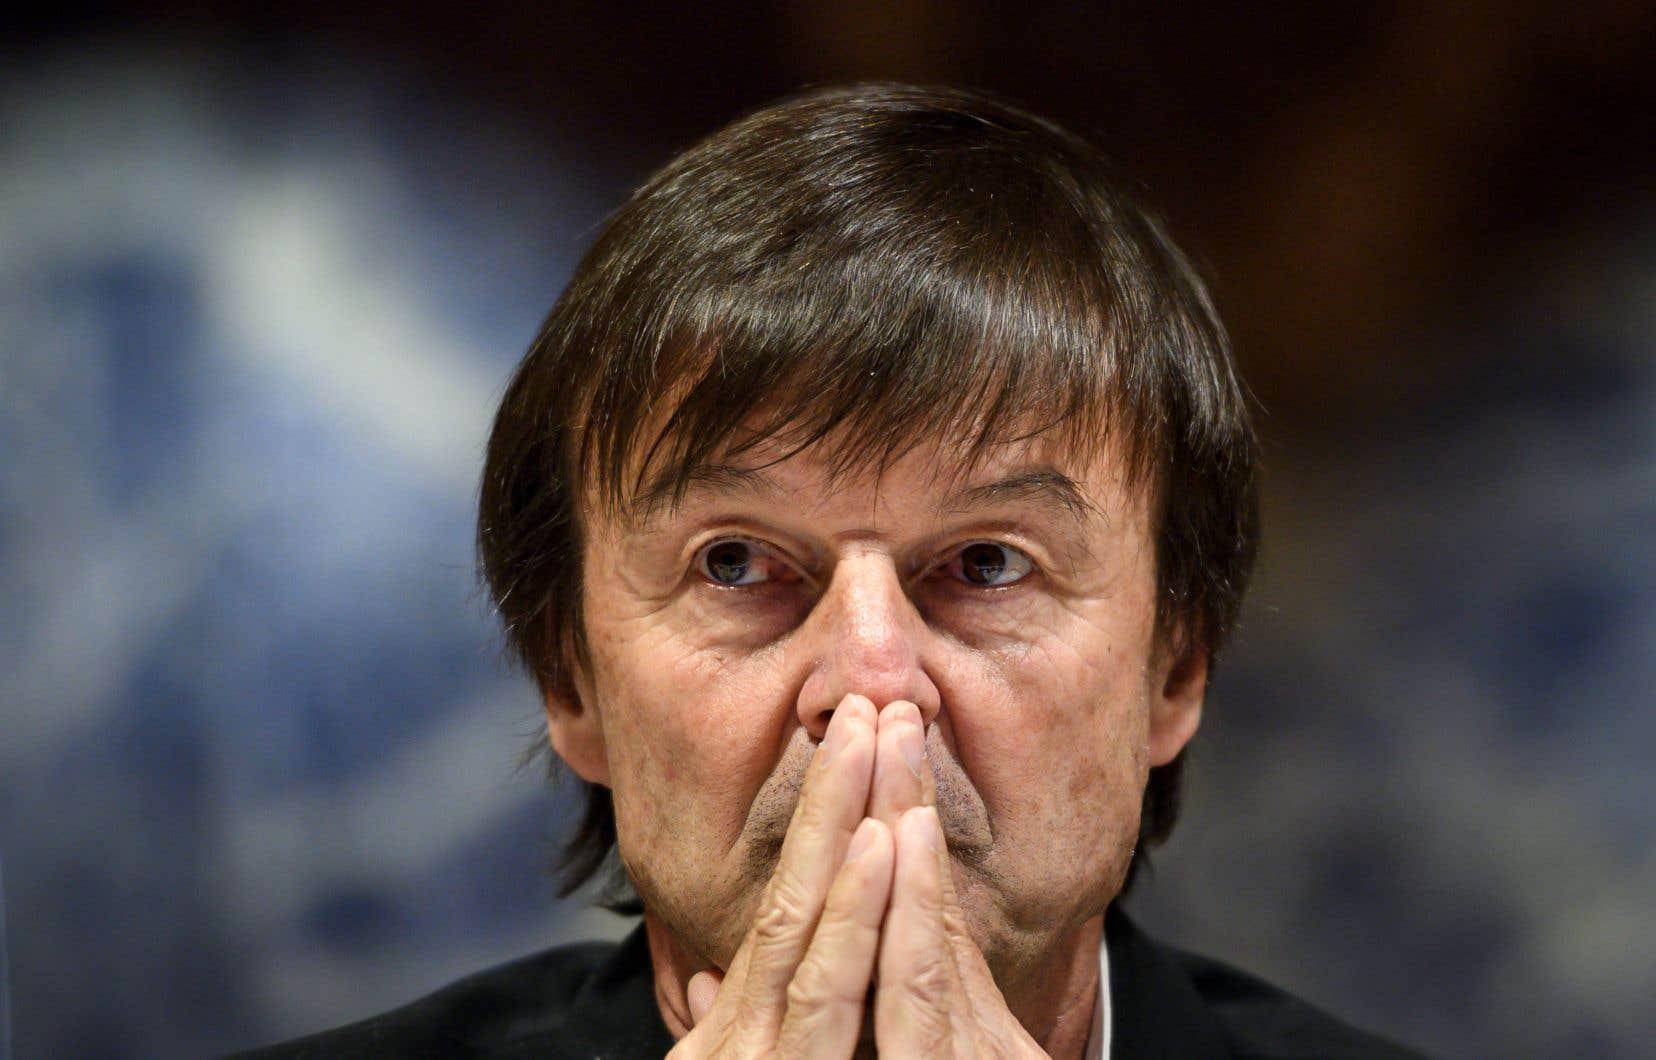 Le ministre fran ais hulot a t accus de viol en 2008 for Ministre francais